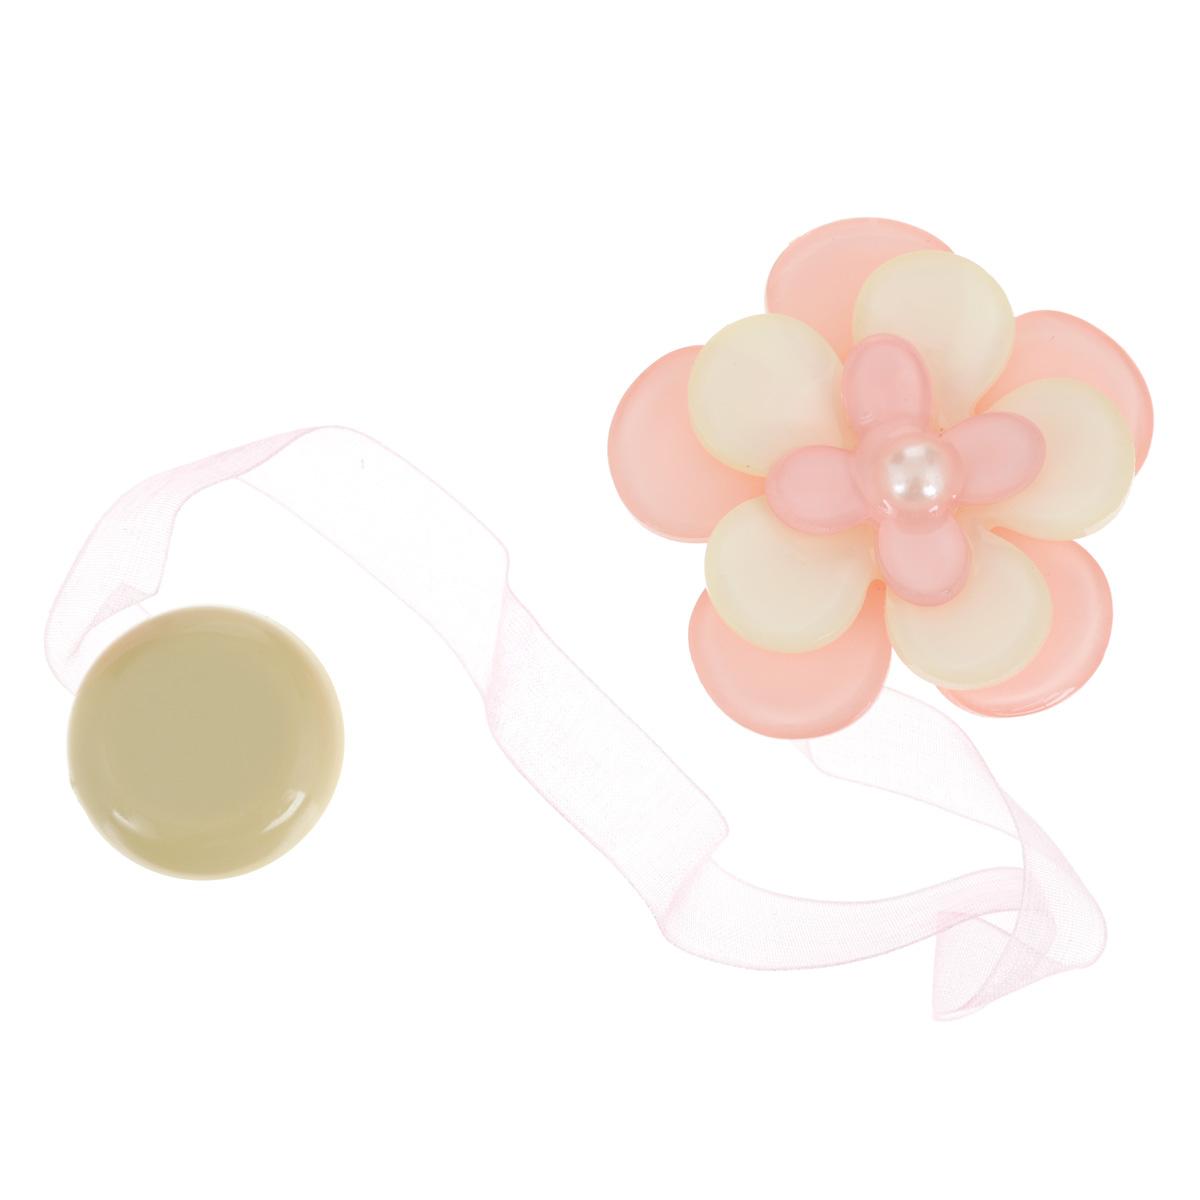 Клипса-магнит для штор Calamita Fiore, цвет: бледно-розовый, бежевый. 7704013_5511004900000360Клипса-магнит Calamita Fiore, изготовленная из пластика и полиэстера, предназначена для придания формы шторам. Изделие представляет собой два магнита, расположенные на разных концах текстильной ленты. Один из магнитов оформлен декоративным цветком. С помощью такой магнитной клипсы можно зафиксировать портьеры, придать им требуемое положение, сделать складки симметричными или приблизить портьеры, скрепить их. Клипсы для штор являются универсальным изделием, которое превосходно подойдет как для штор в детской комнате, так и для штор в гостиной. Следует отметить, что клипсы для штор выполняют не только практическую функцию, но также являются одной из основных деталей декора, которая придает шторам восхитительный, стильный внешний вид.Диаметр декоративного цветка: 5 см.Длина ленты: 28 см.